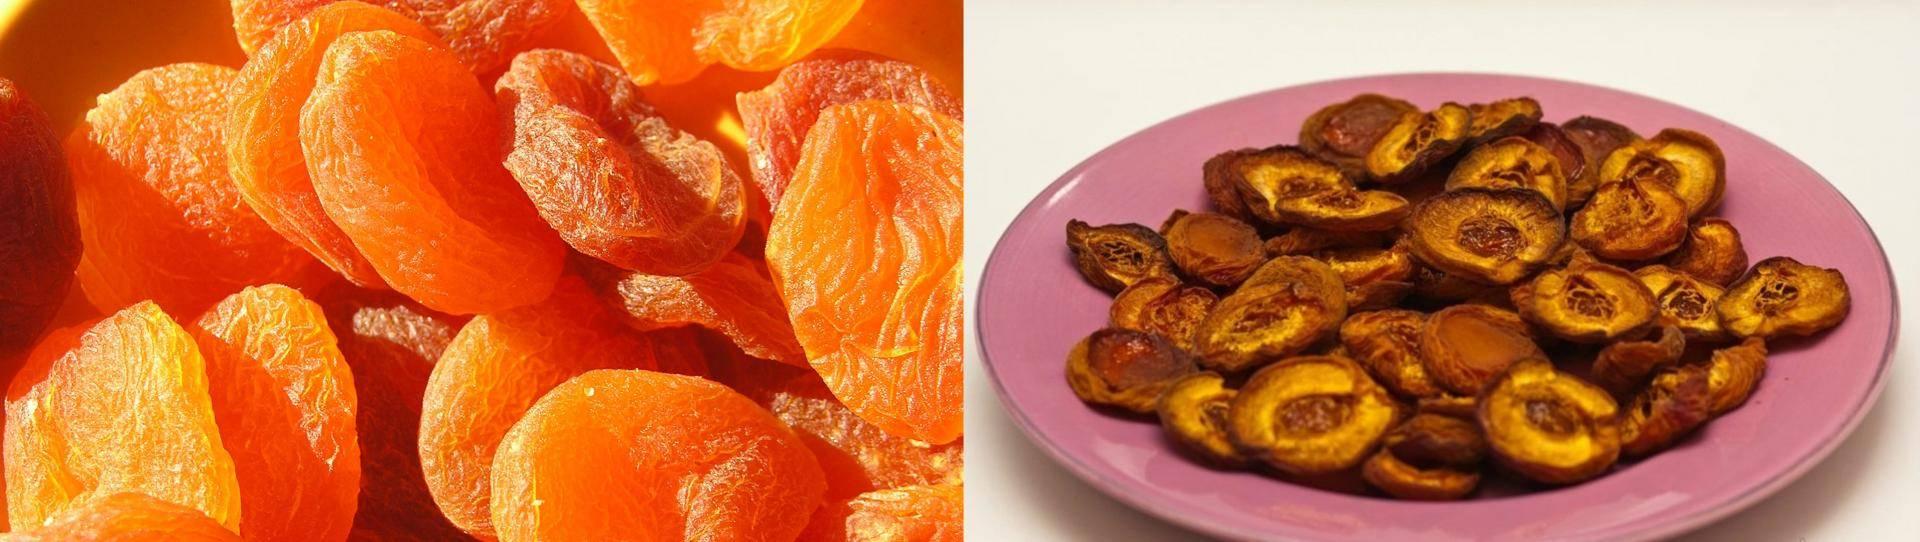 Как правильно хранить в домашних условиях сушеные абрикосы